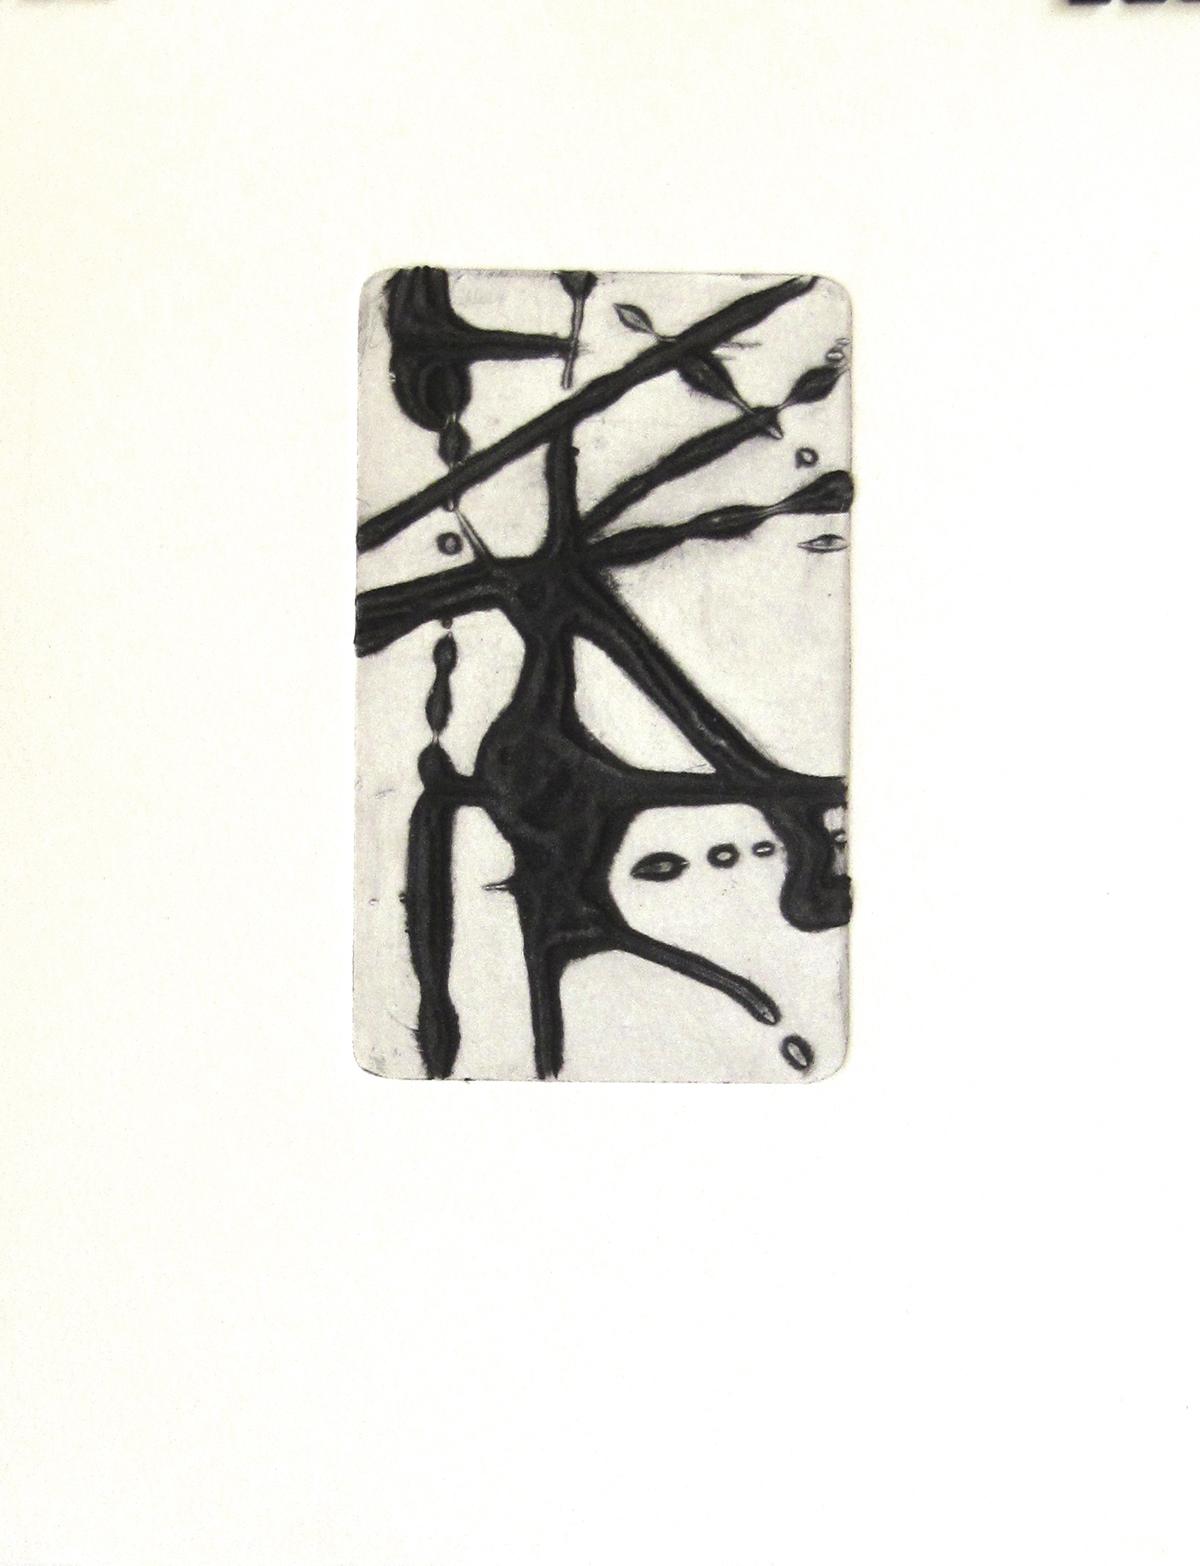 instant 35#4, édition de 4, carborundum sur papier BFK Rives 270g, 20x30 cm, blandine galtier ©